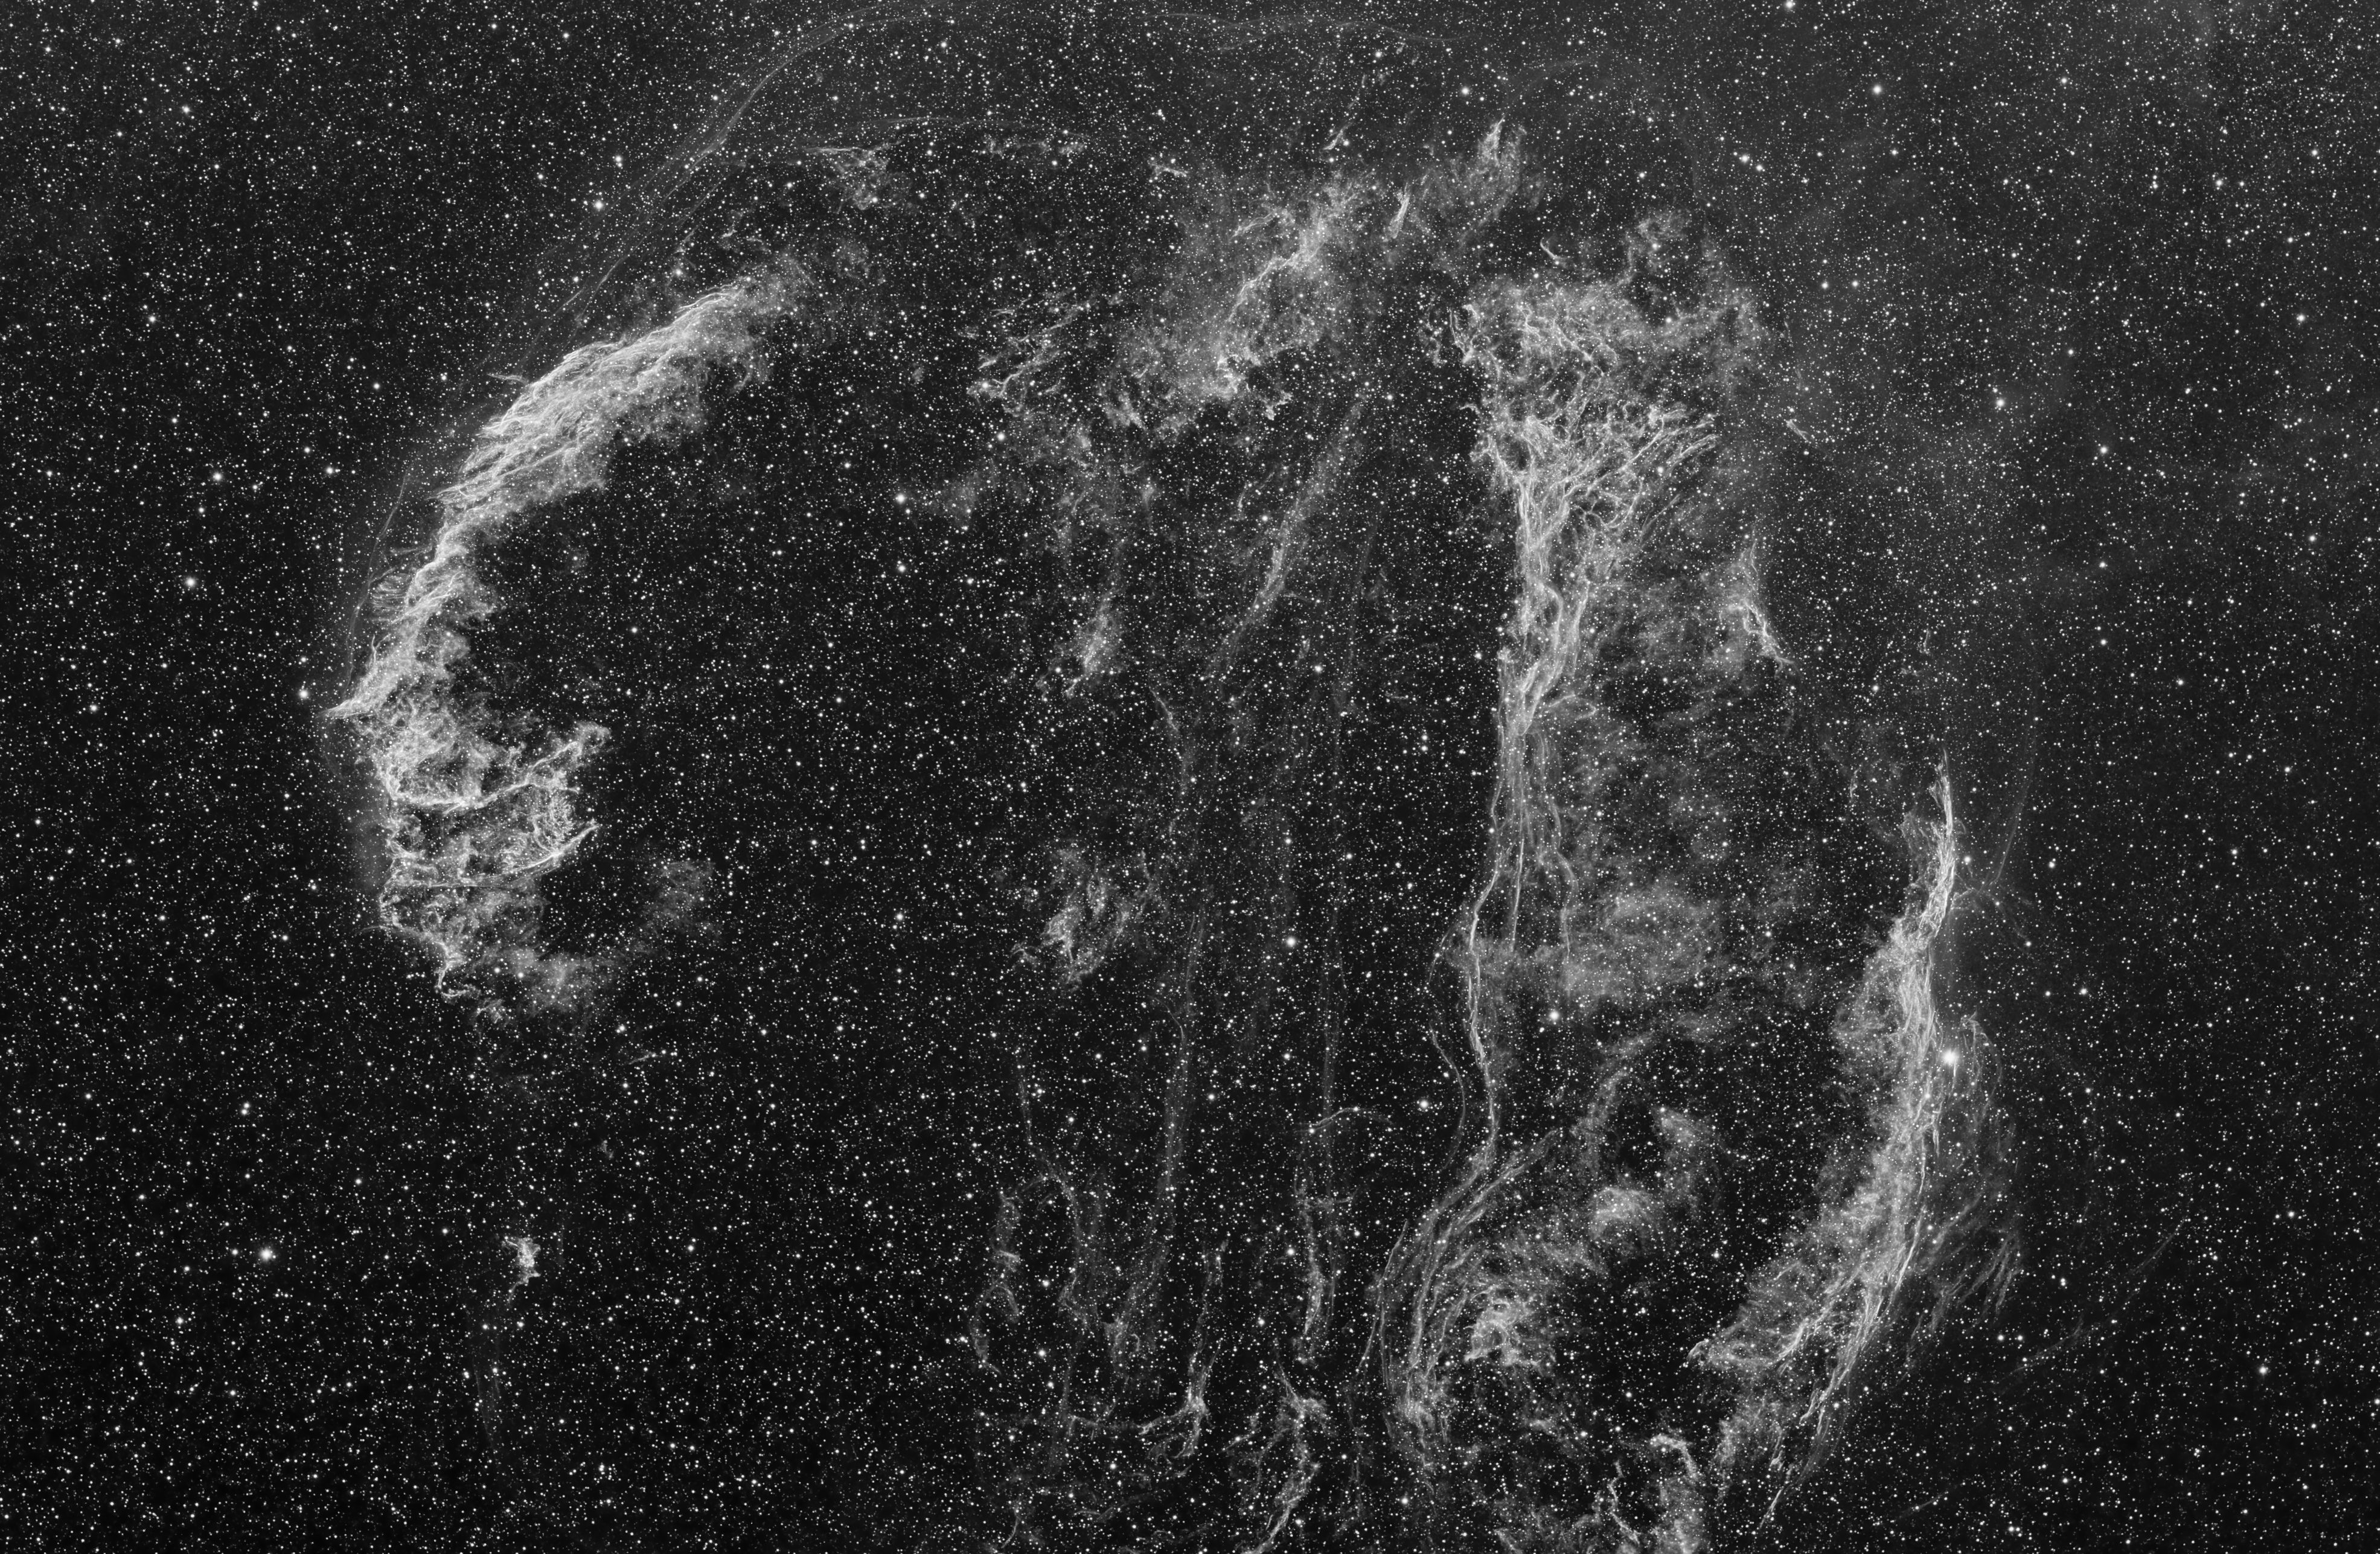 swtor black nebula heavy blaster - photo #43